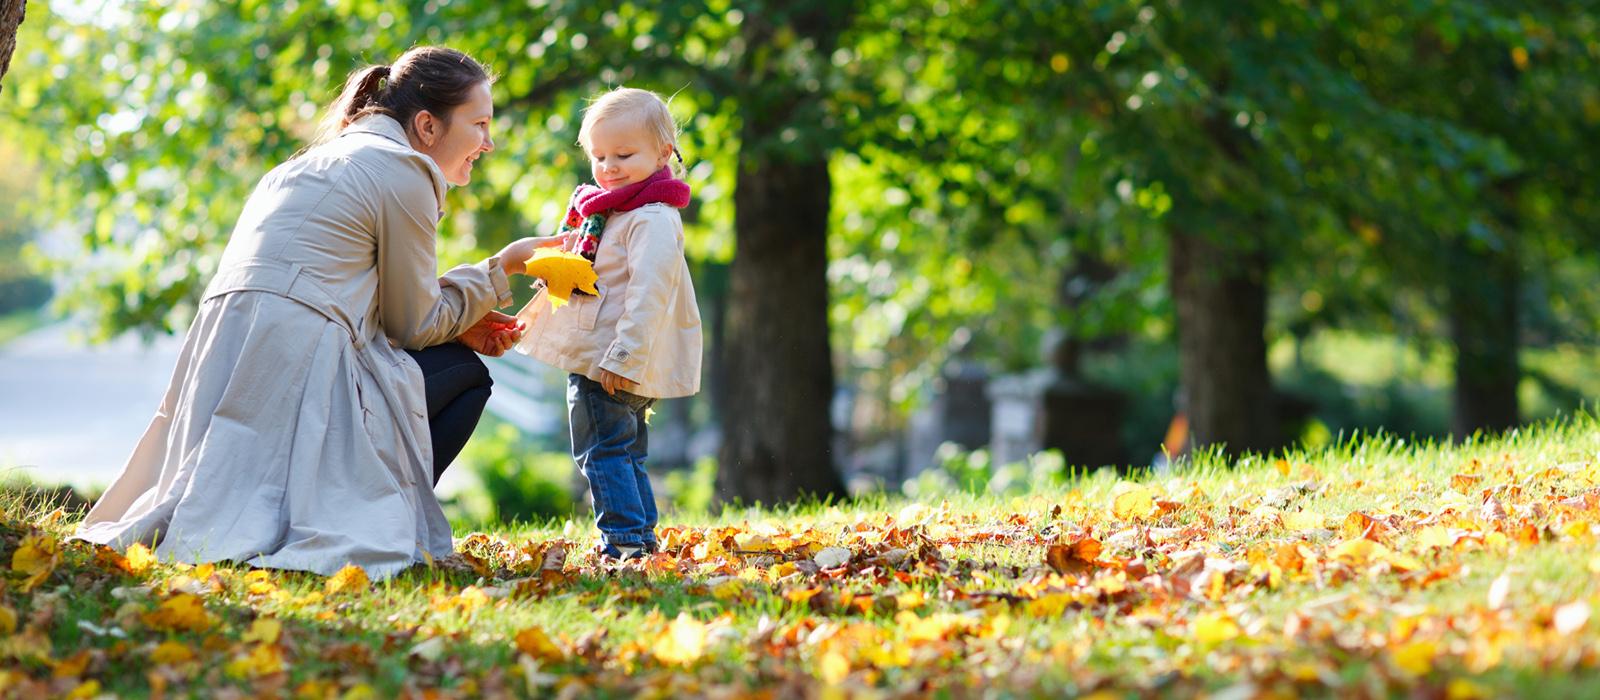 Kvinna lyfter upp ett gulnat löv till sitt barn ute i en park med höstlöv på marken.